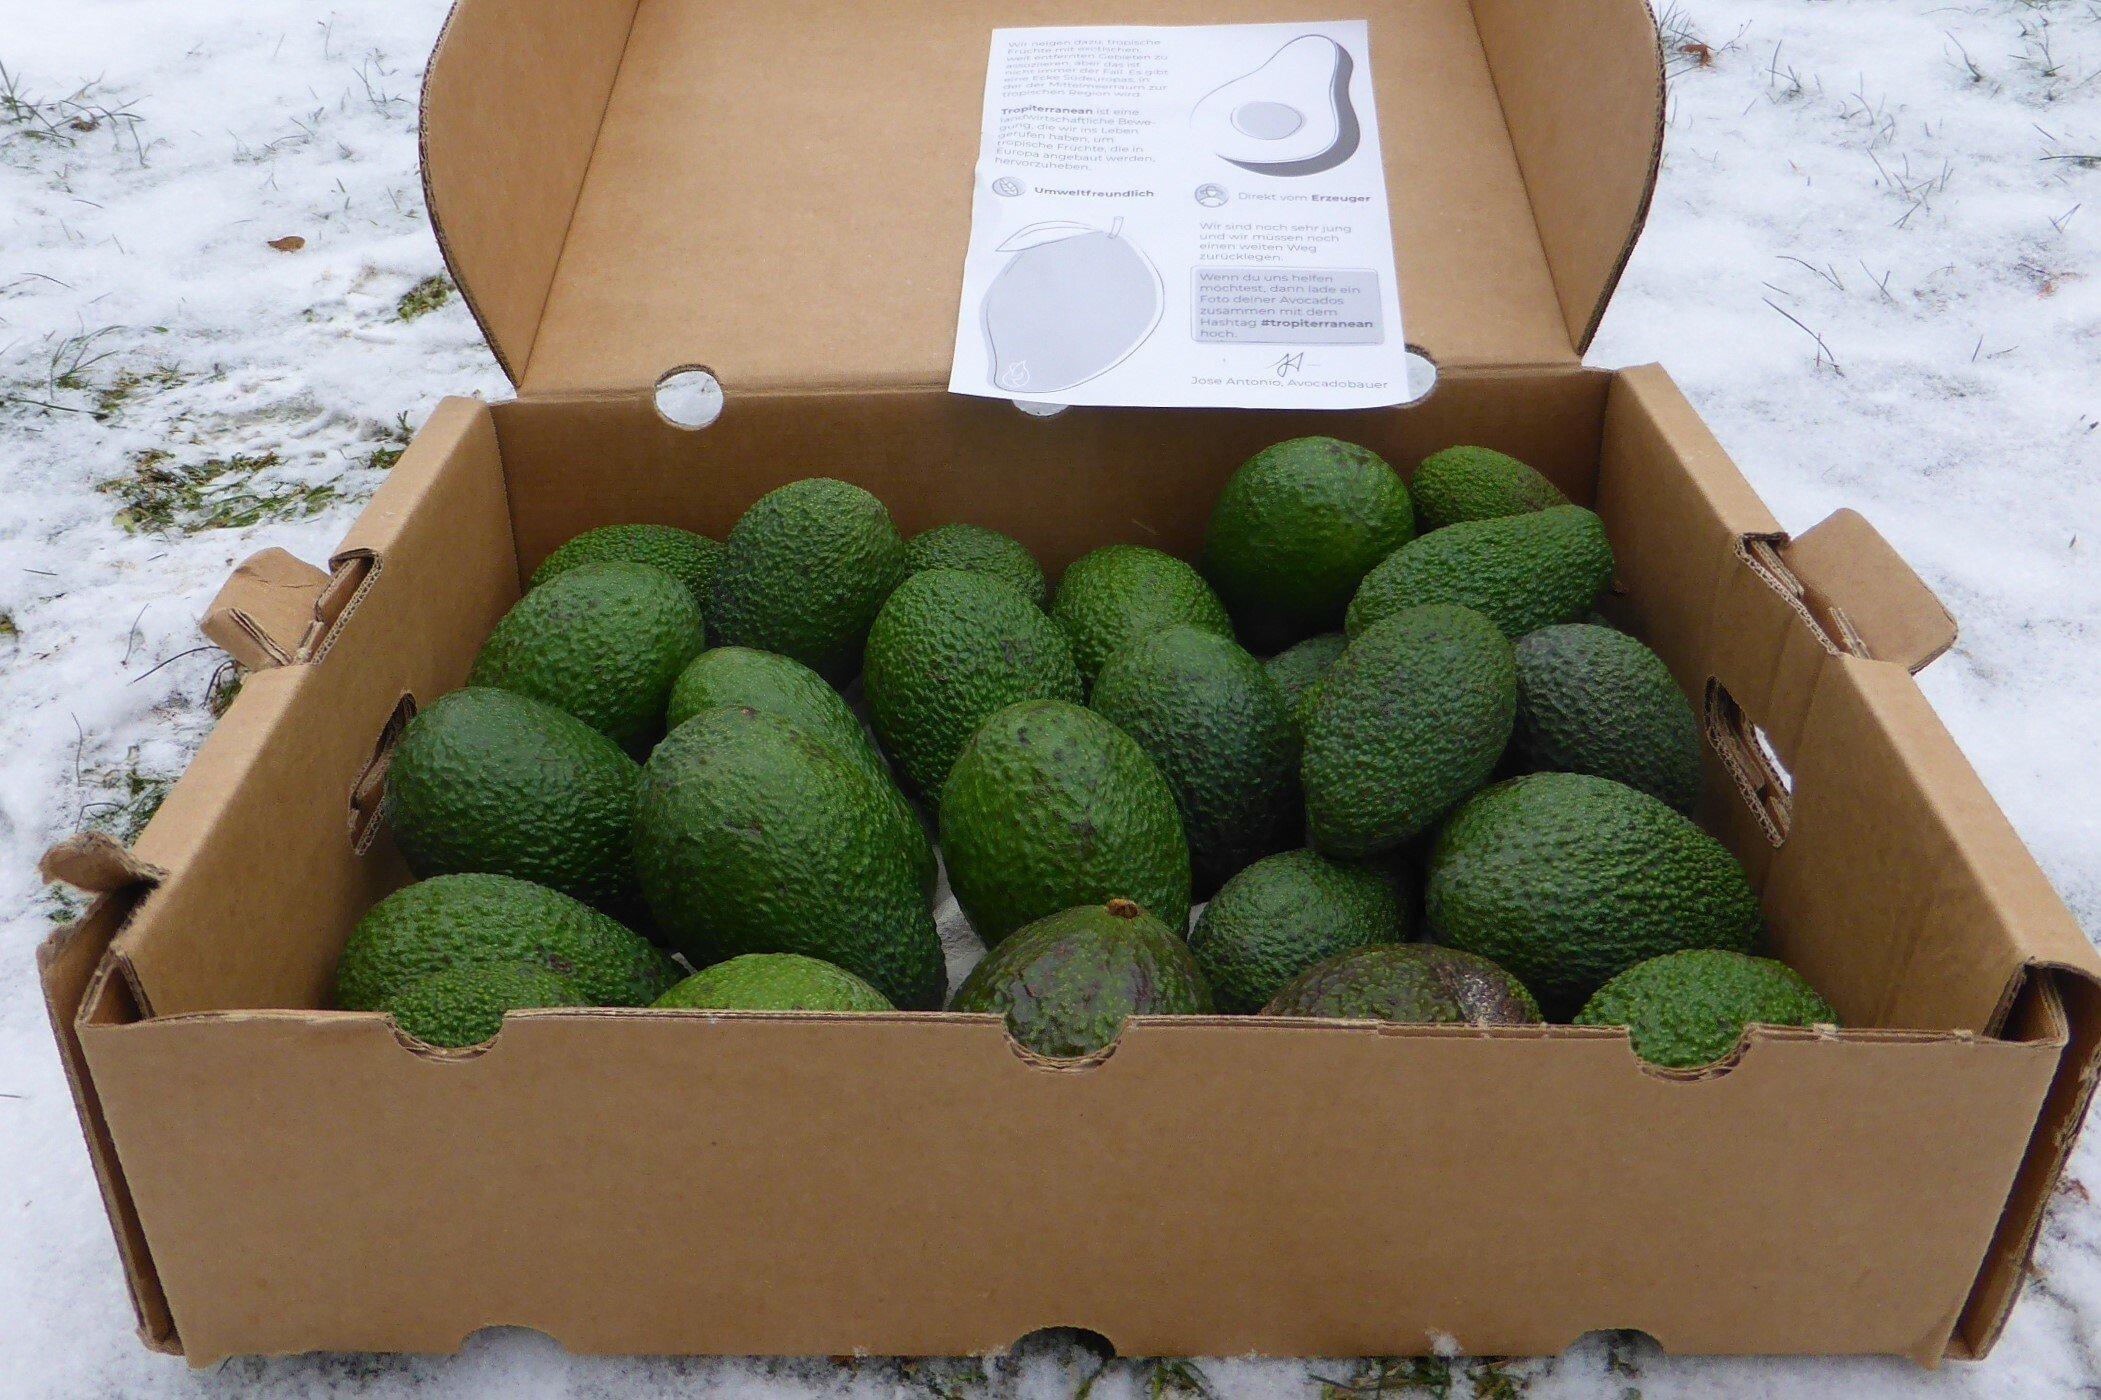 Geöffneter Karton mit vier Kilogramm Avocados auf verschneitem Rasen.